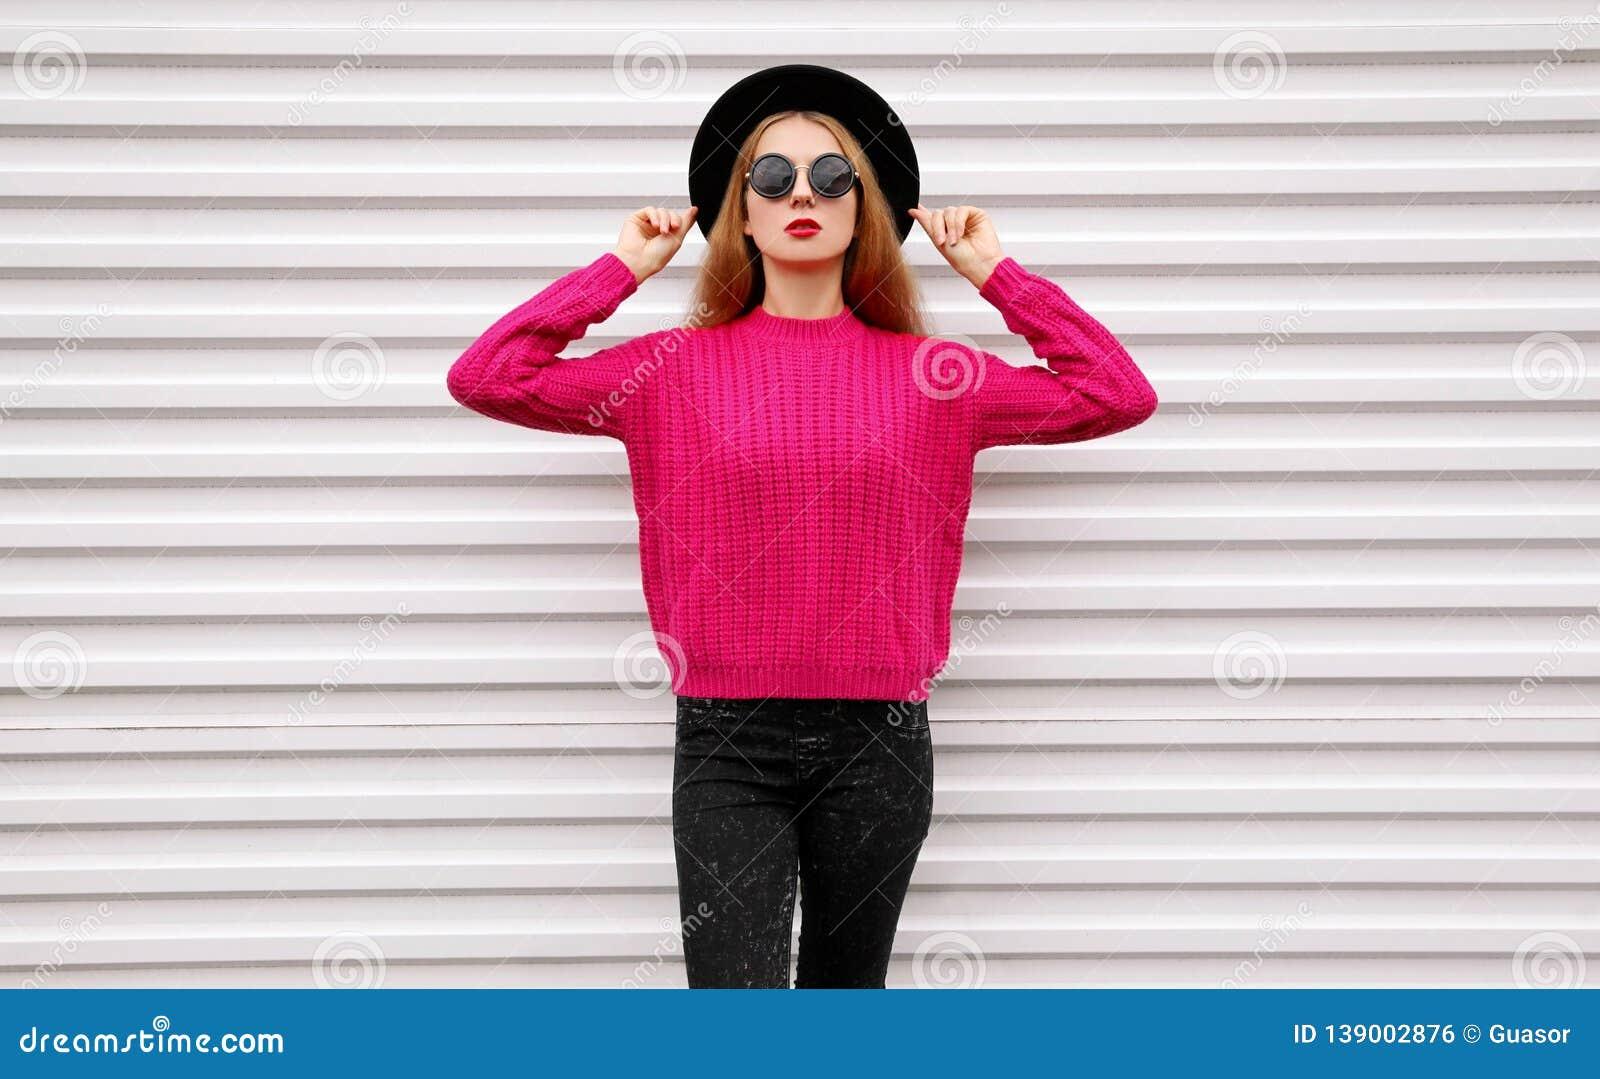 Μοντέρνη όμορφη πρότυπη τοποθέτηση γυναικών στο ζωηρόχρωμο ρόδινο πλεκτό πουλόβερ, μαύρο στρογγυλό καπέλο στον άσπρο τοίχο